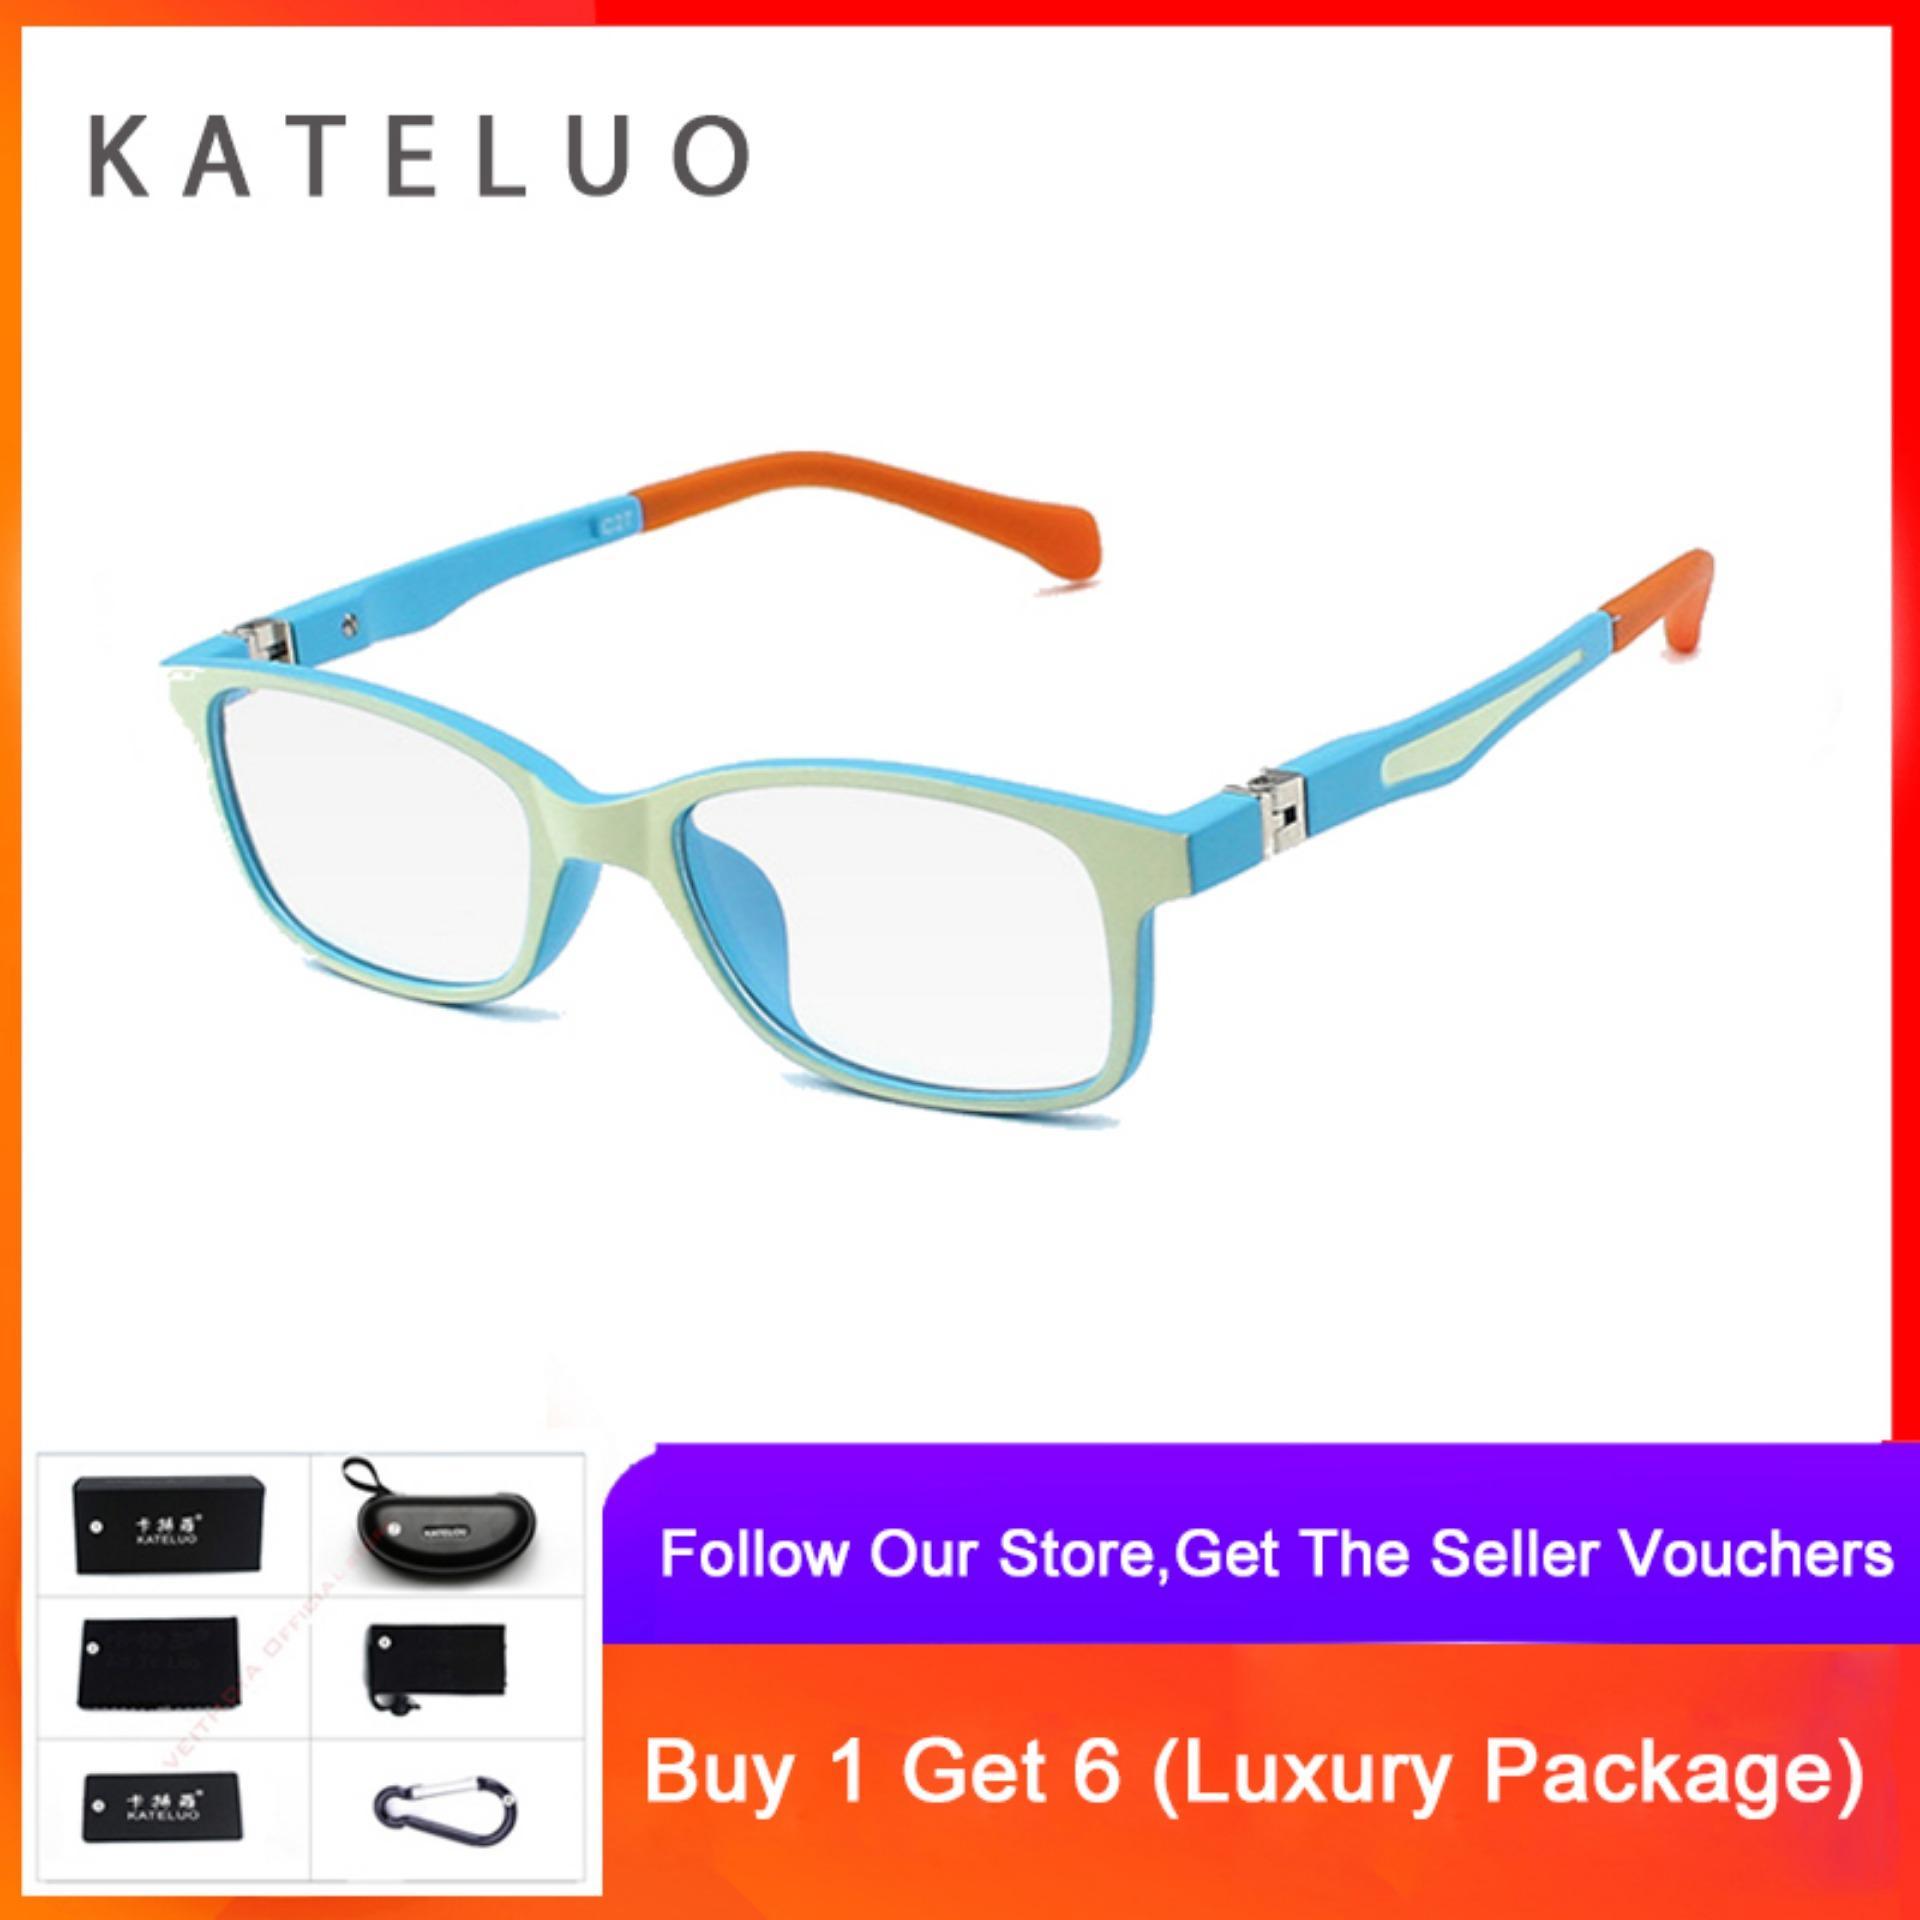 9ce6756a558e KATELUO TR90 Children Anti Computer Blue Laser laser Fatigue  Radiation-resistant Kids Eyeglasses Glasses Frame